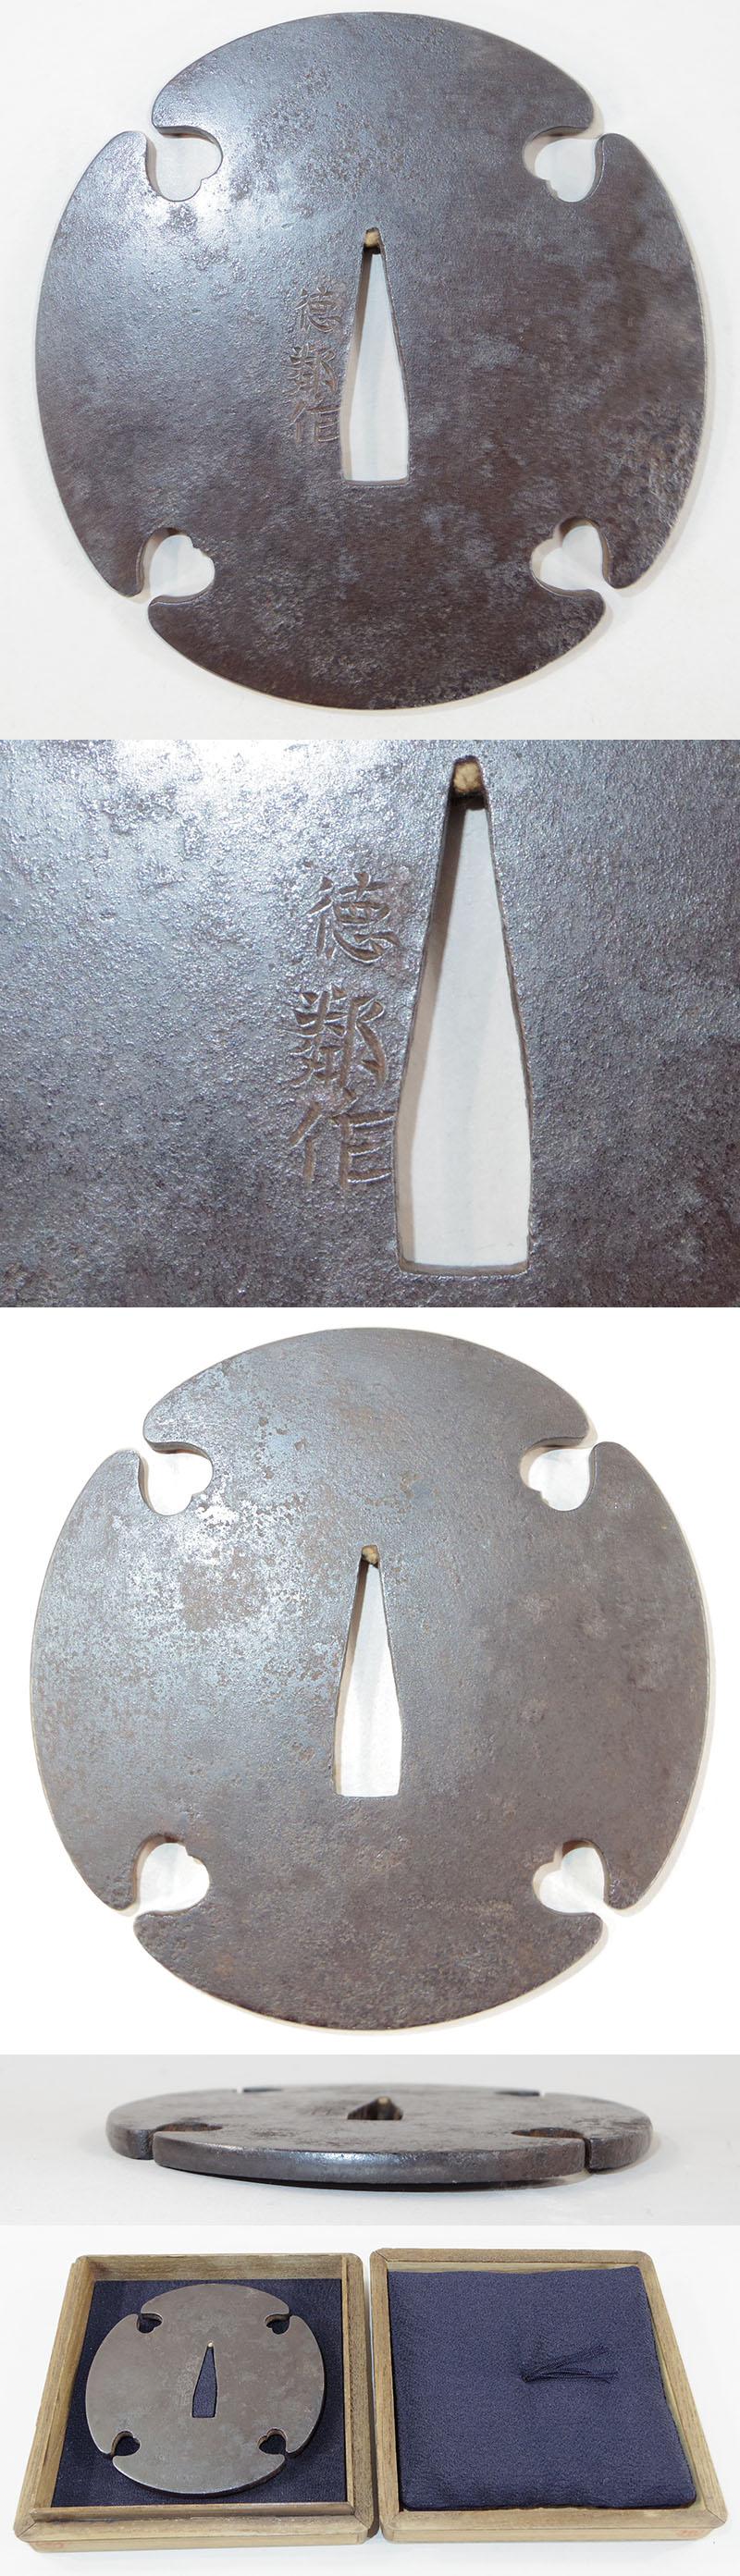 四方猪目文図鍔 徳隣作(市毛徳隣初代)(水戸藩抱え工)(刀匠鍔)各部分画像